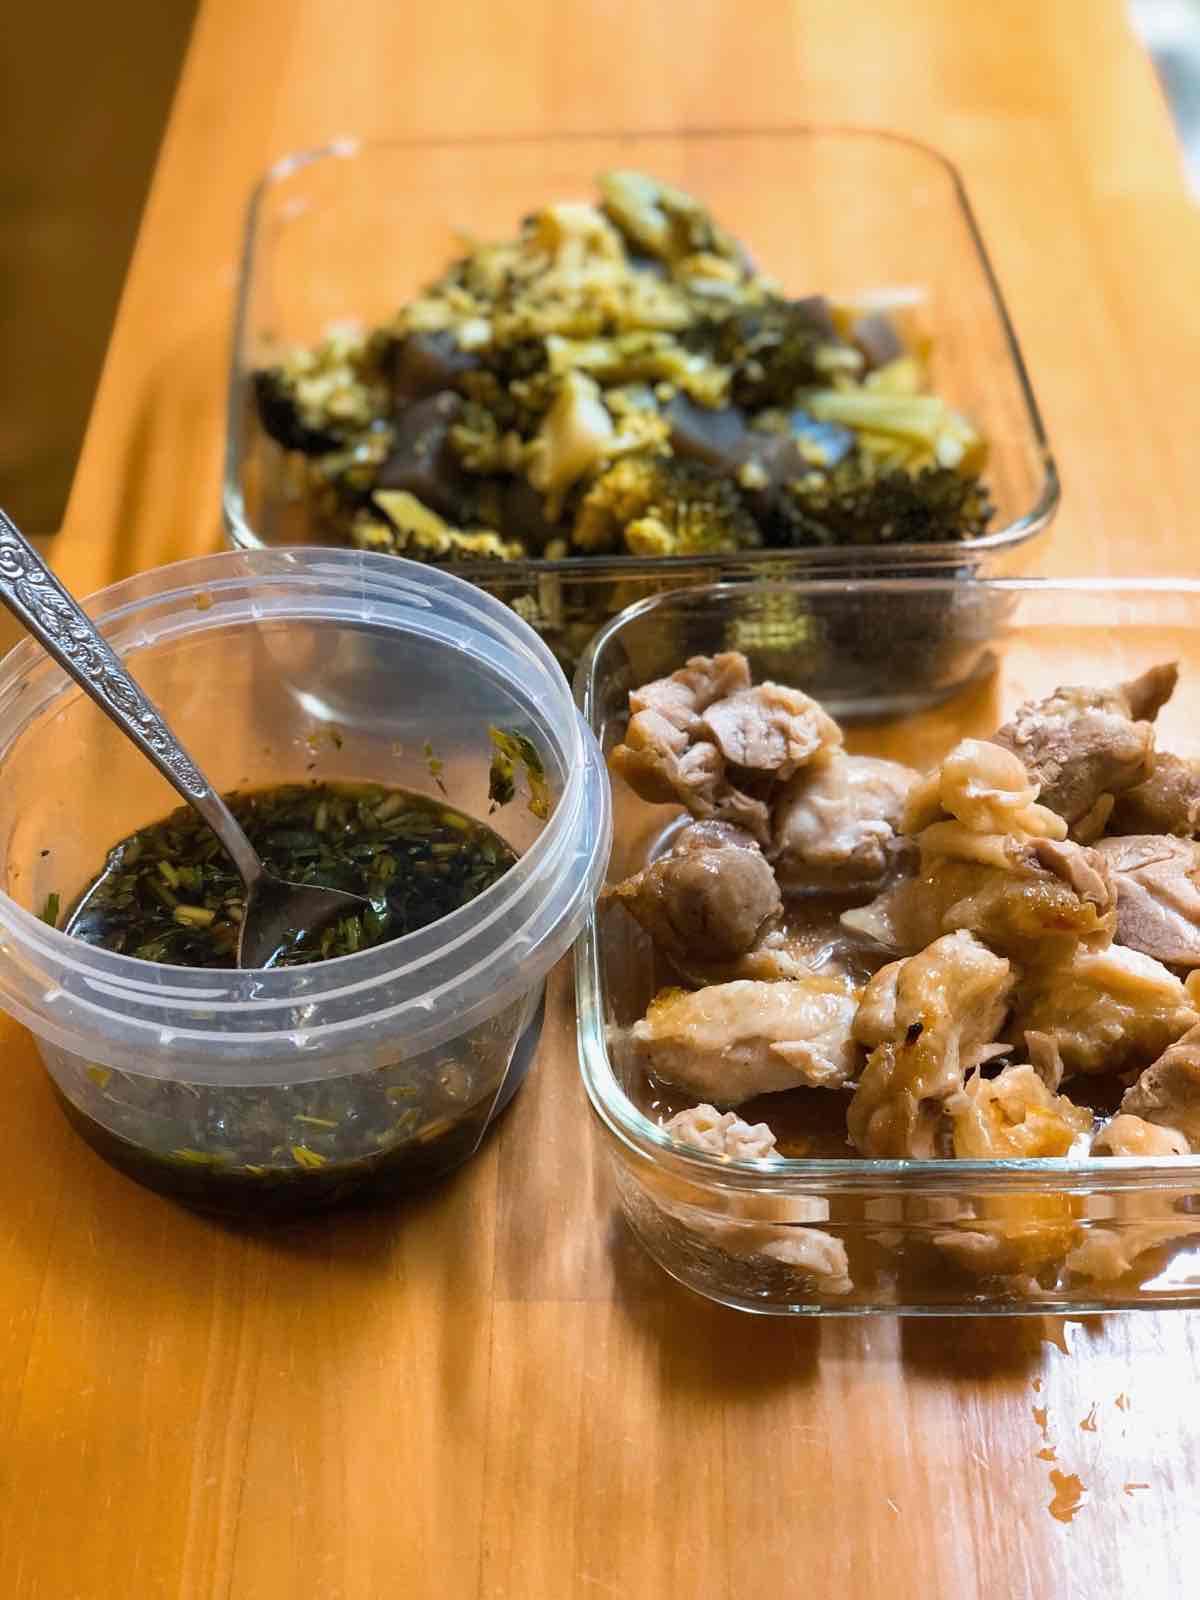 焼いた鶏モモ肉と、ゆでたブロッコリー